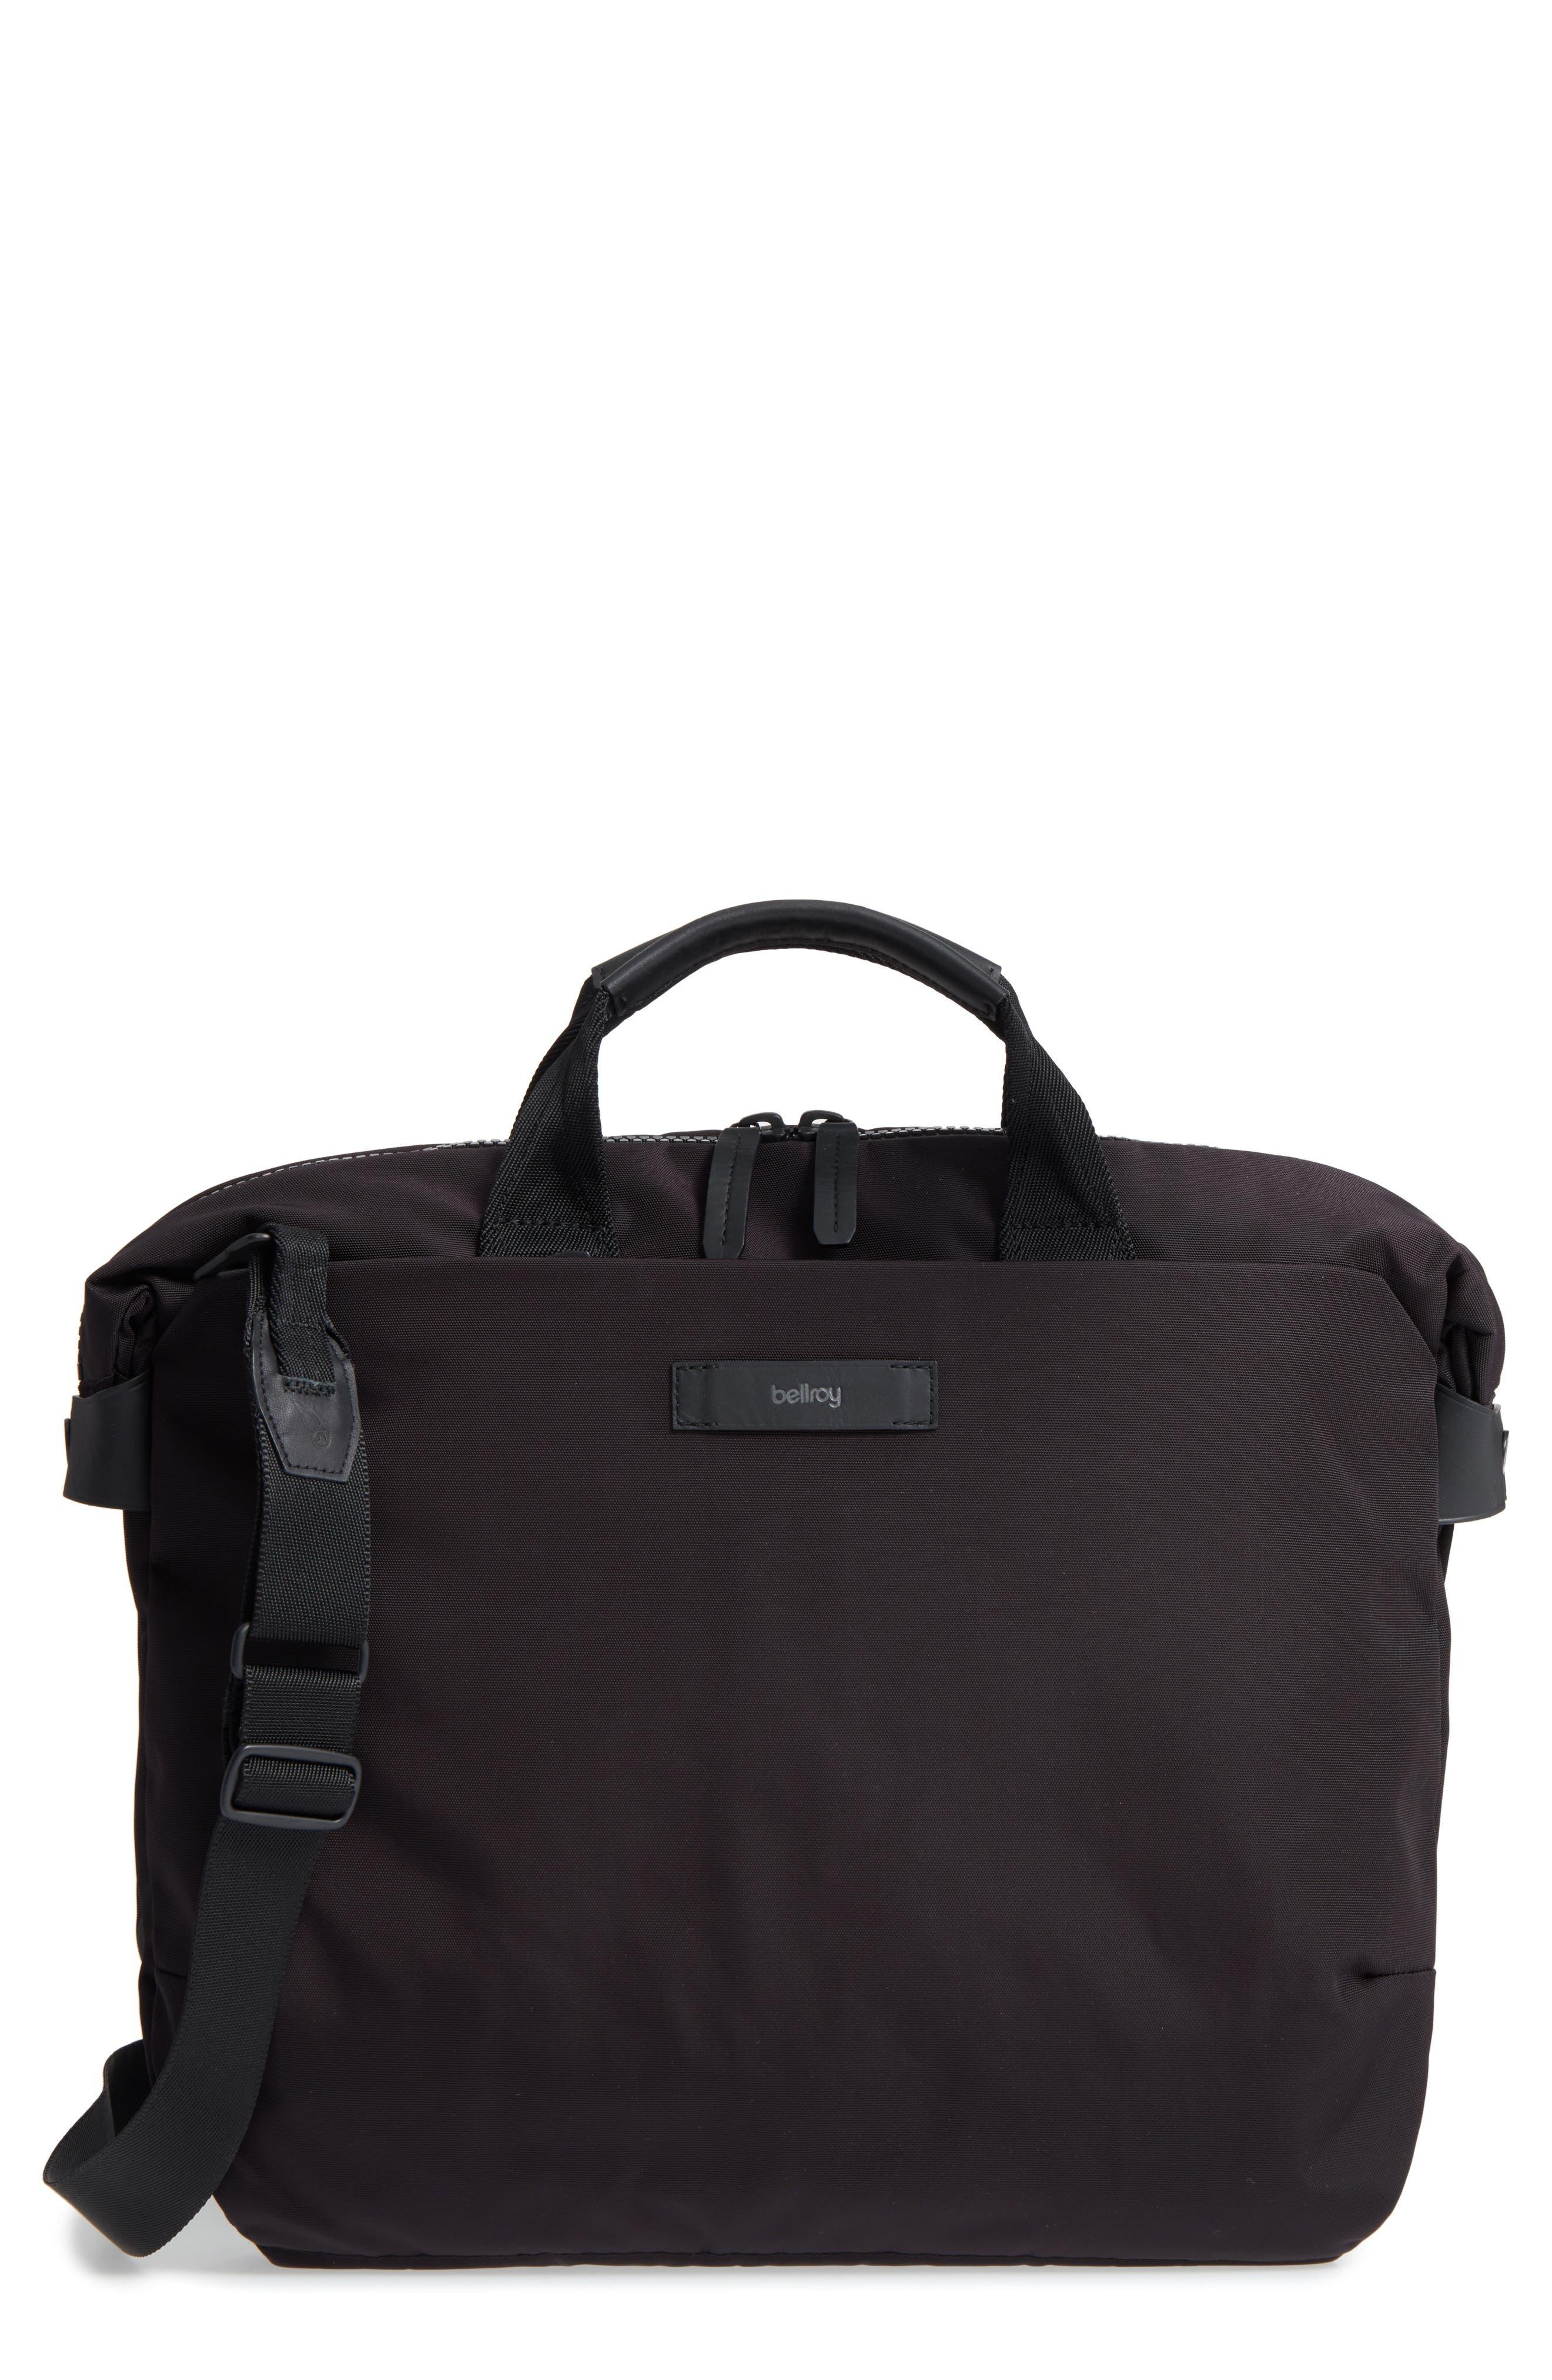 Duo Briefcase,                         Main,                         color, Black